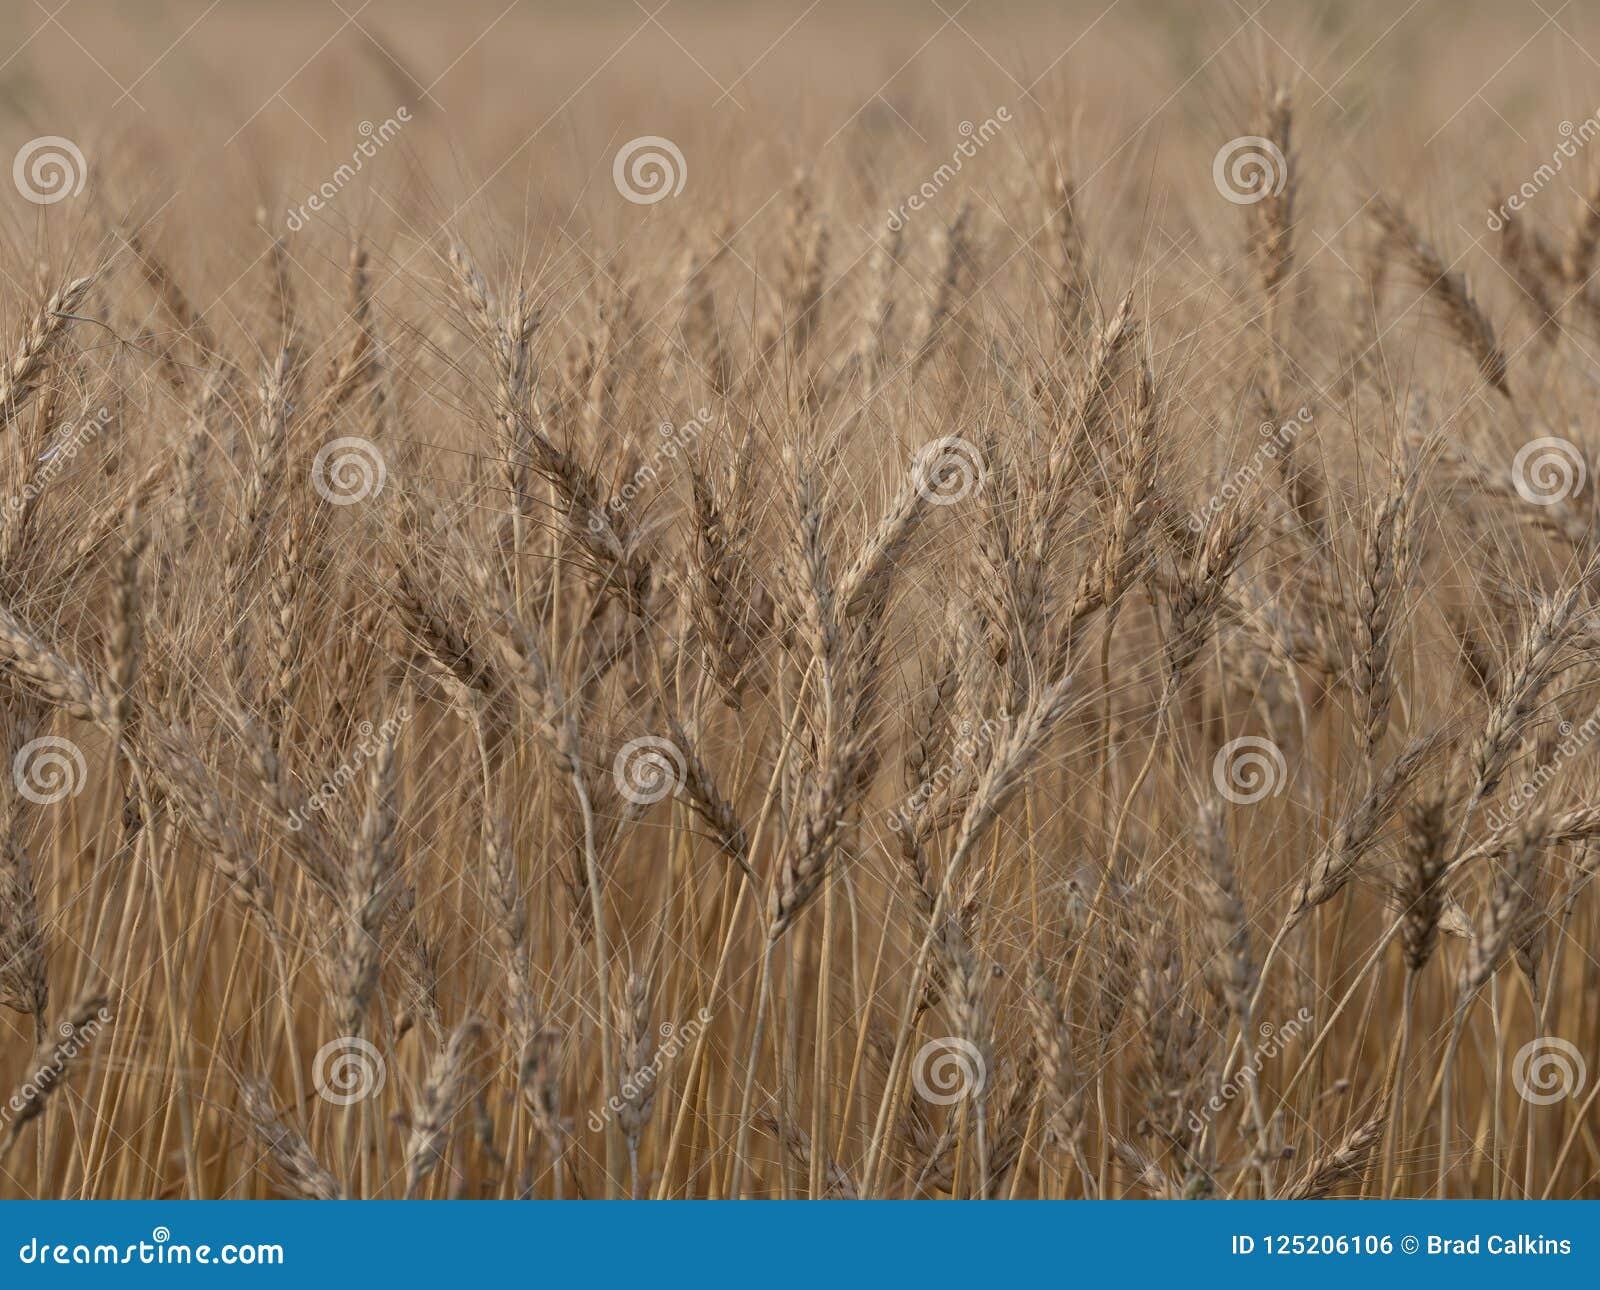 Barley crop background